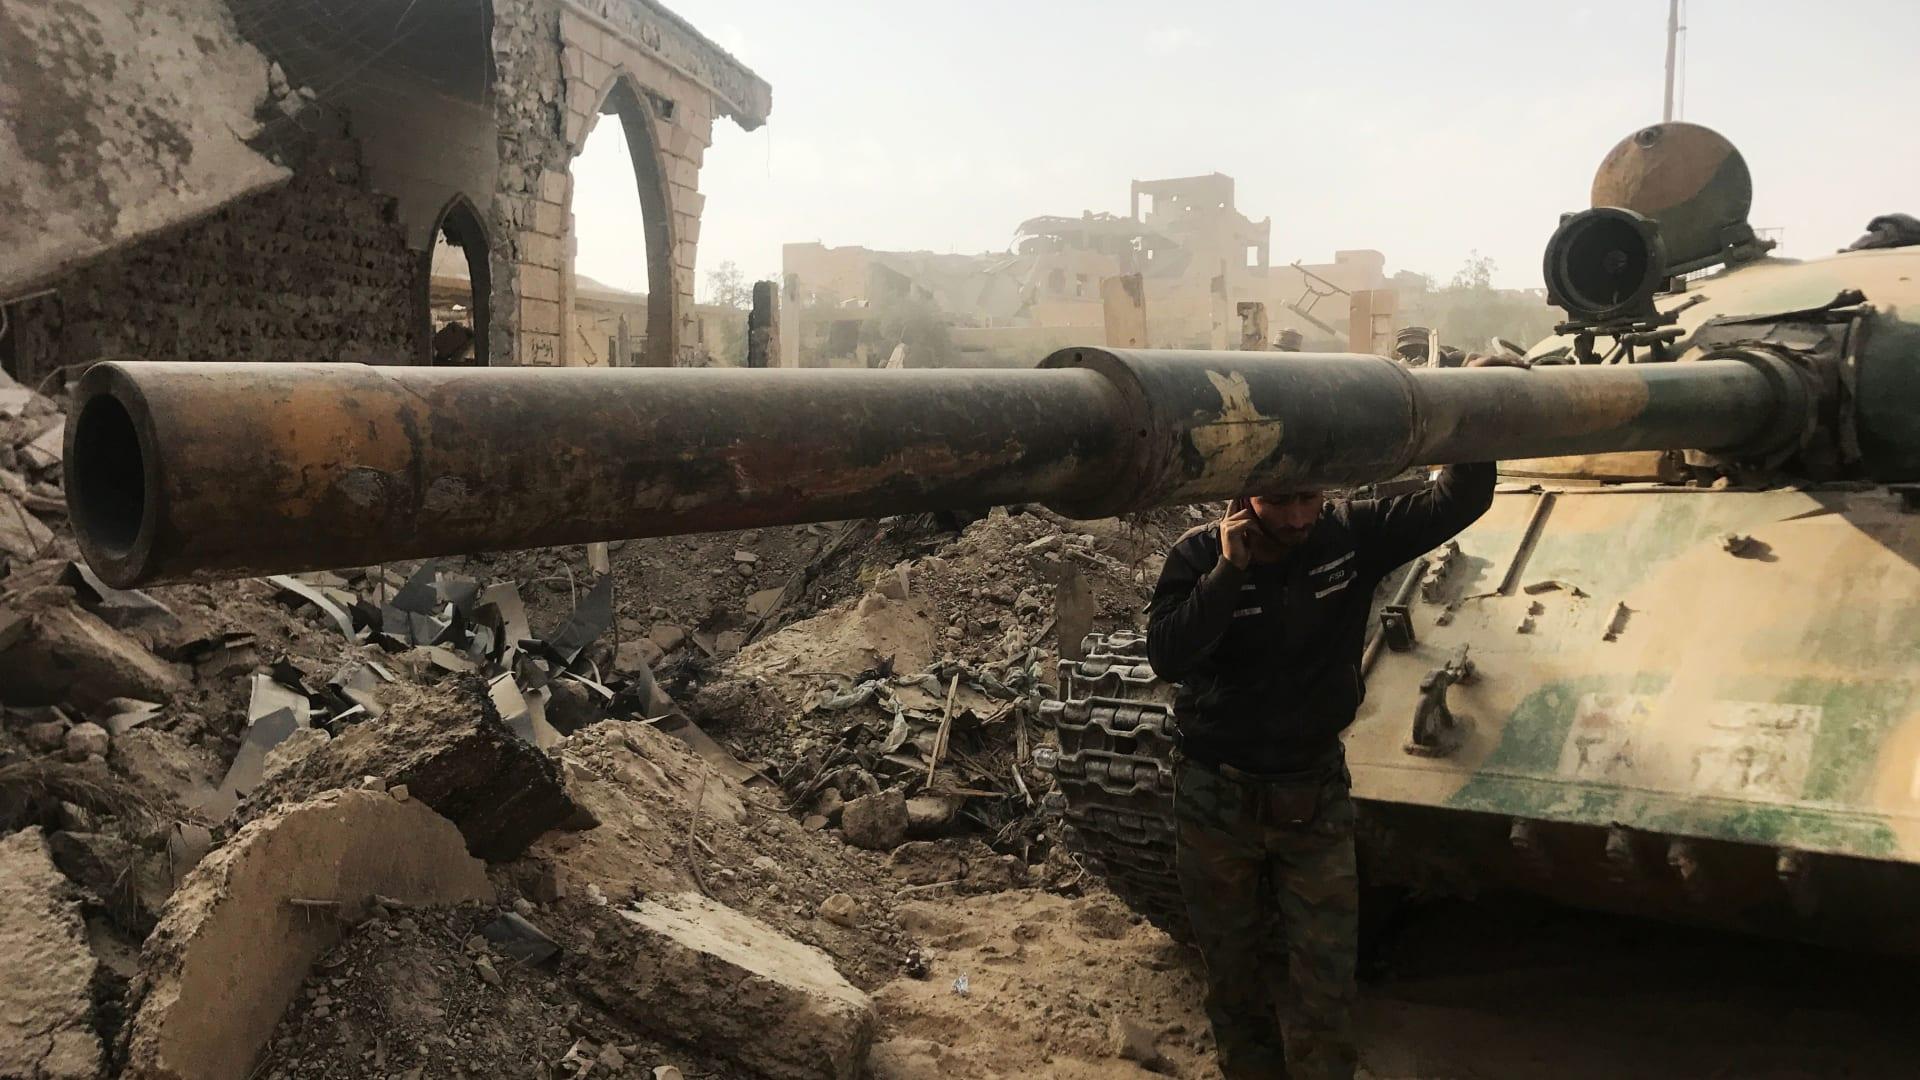 الجيش الأمريكي: قوات موالية للنظام السوري تحتشد قبالة مواقعنا